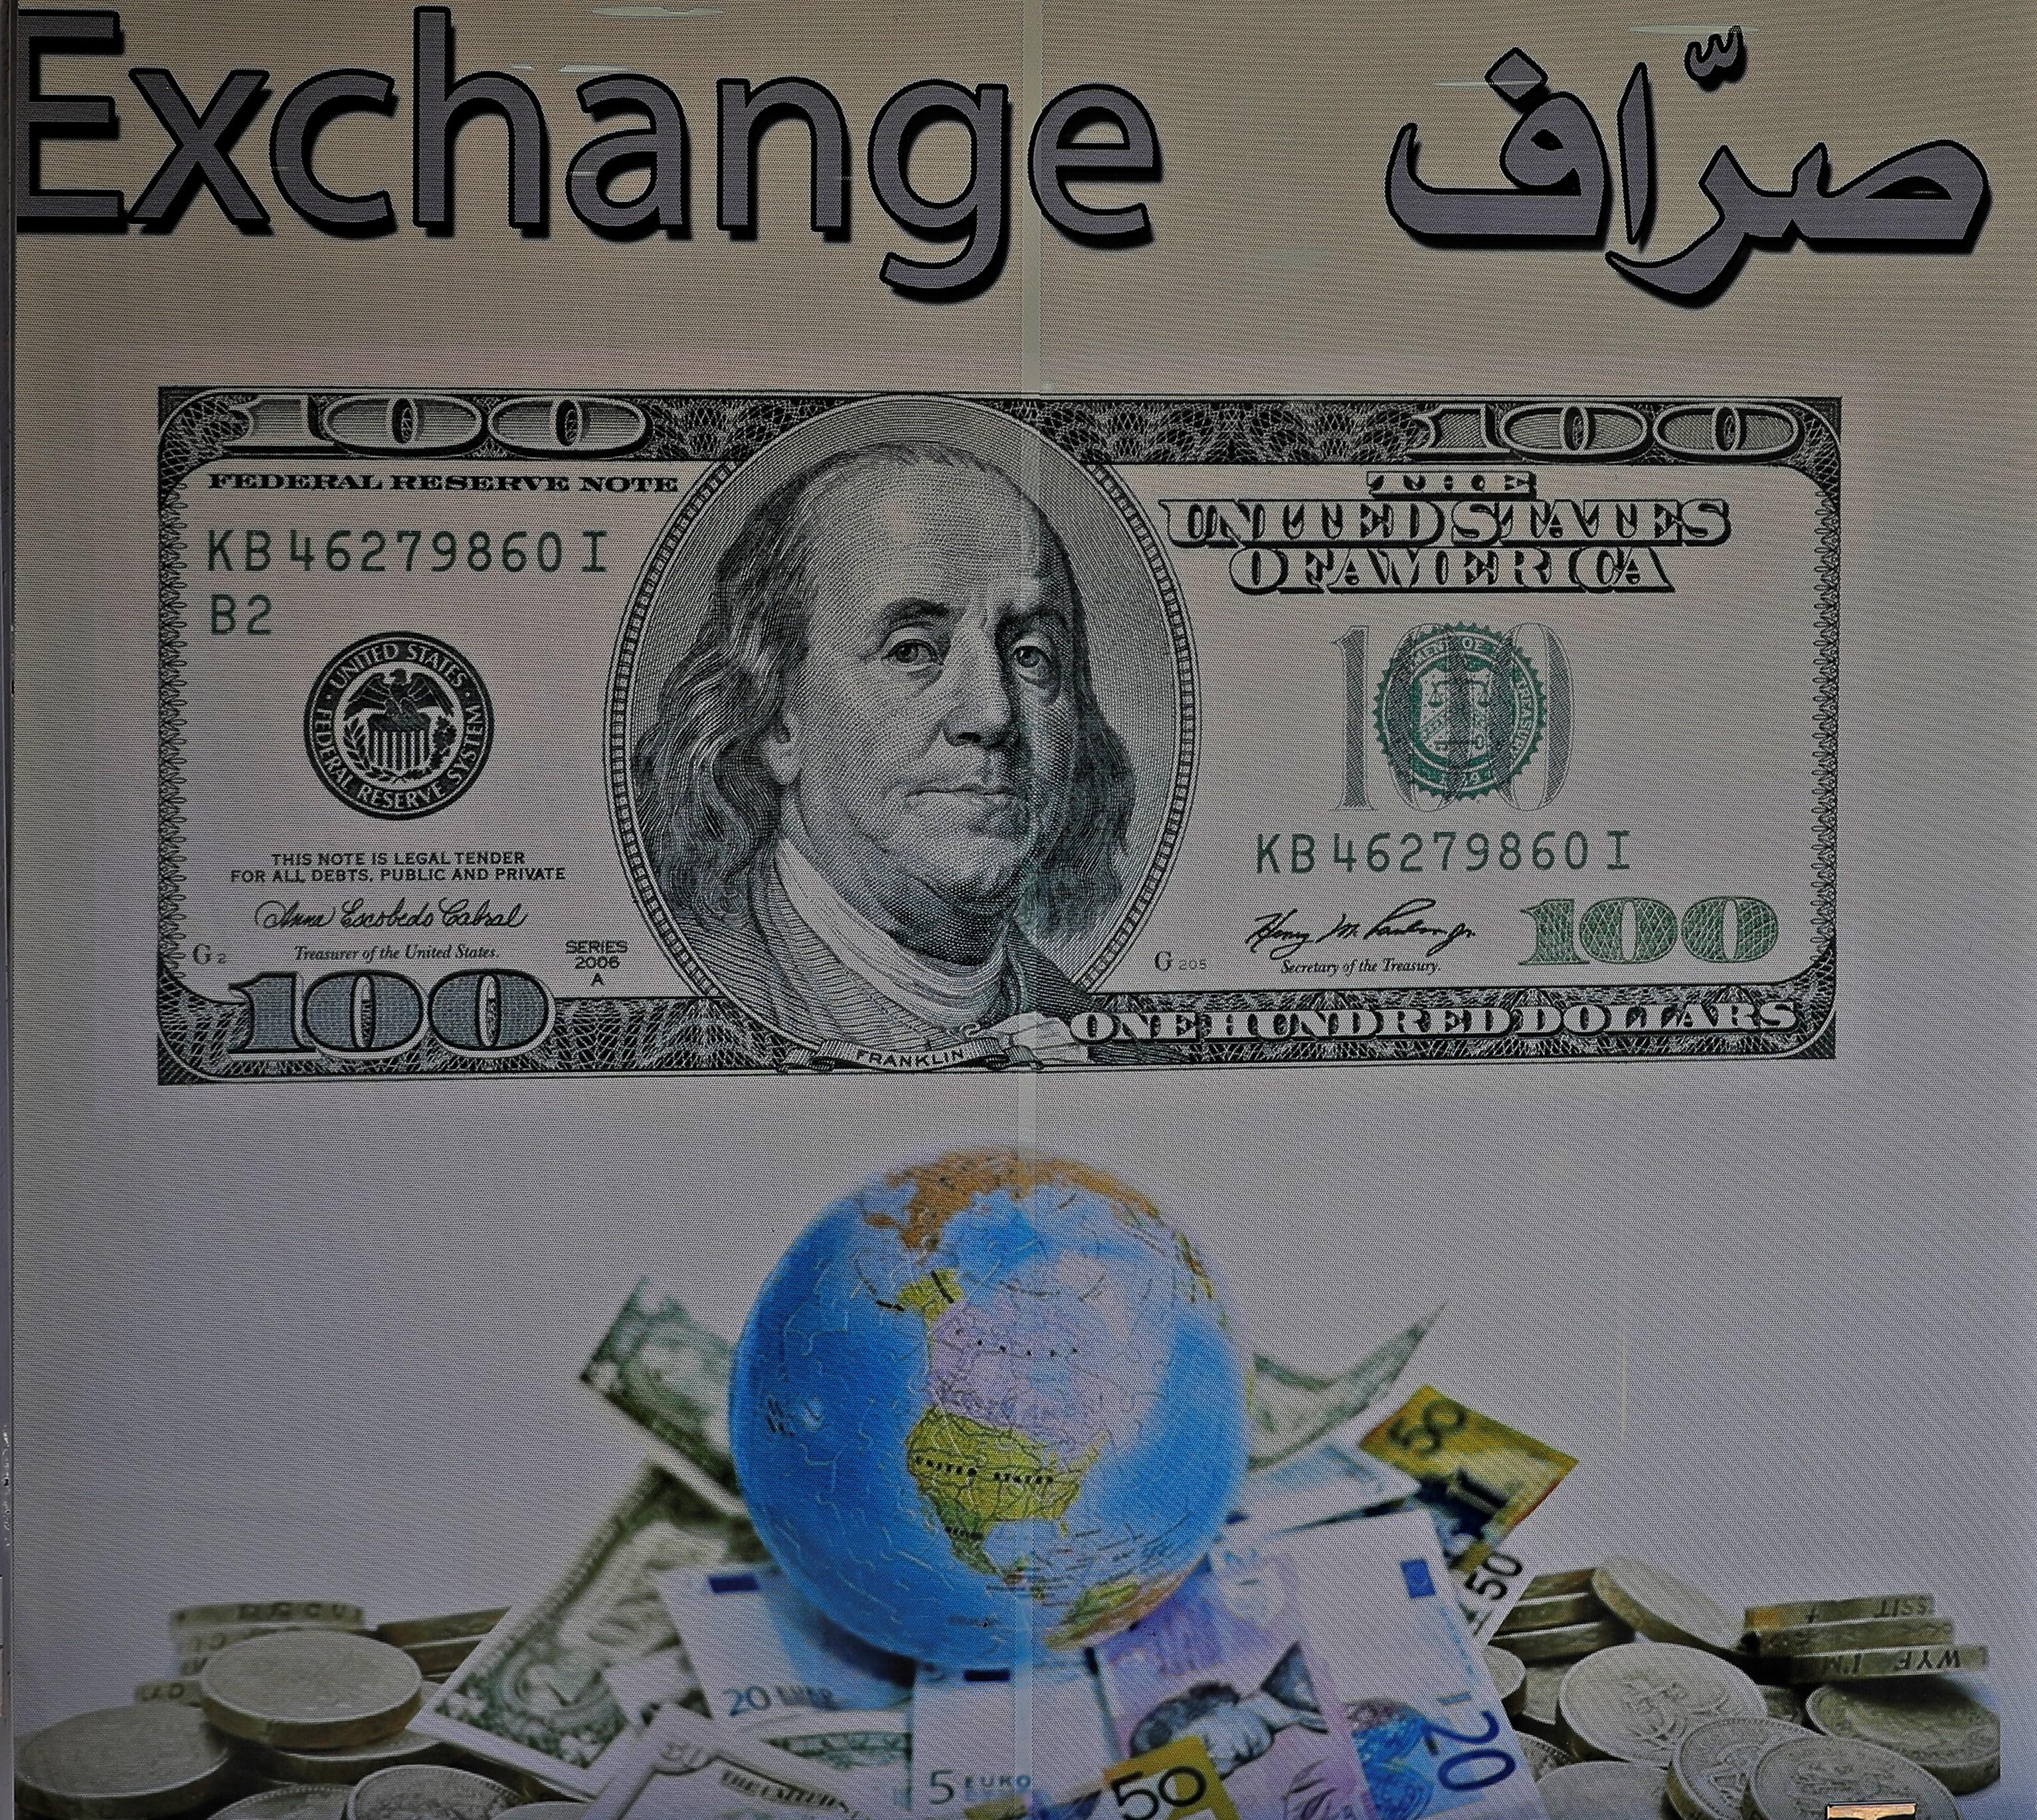 يقول خبراء لبنانيون إن حزب الله يهرب الدولار والعملات الأجنبية  بين لبنان وسوريا